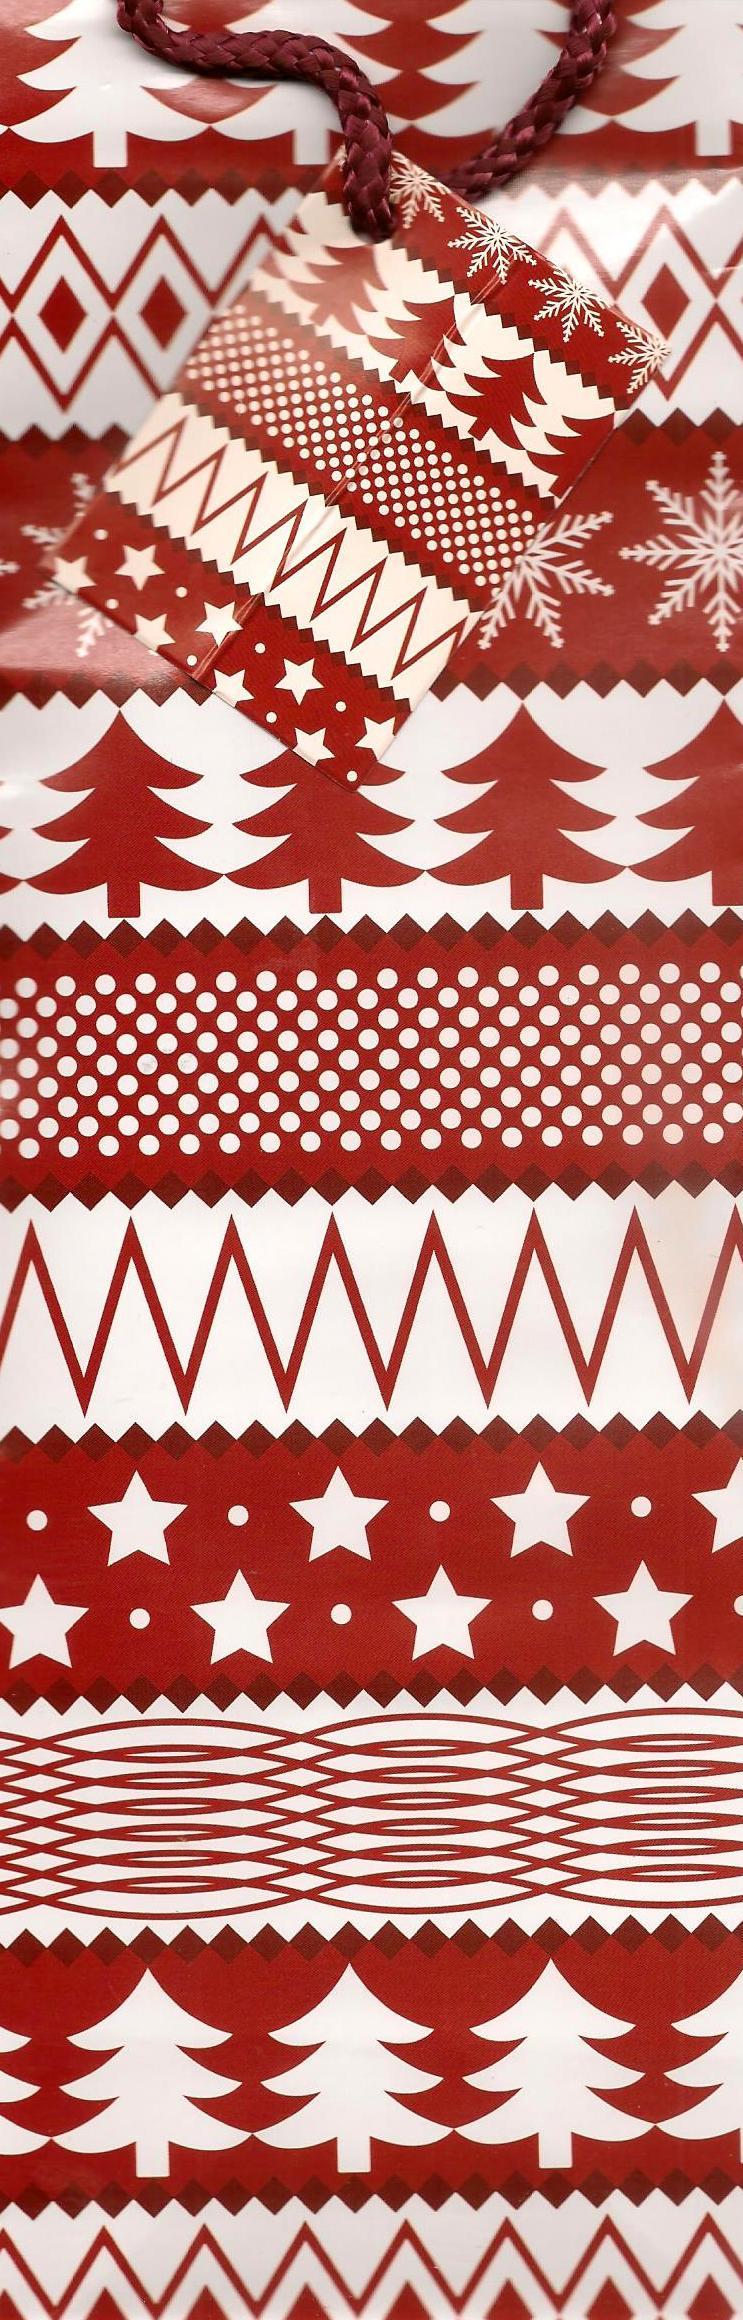 Nekupto Dárková papírová taška na láhev 33 x 10 x 9 cm červená, strom, vločka, hvězda 722 30 WLH